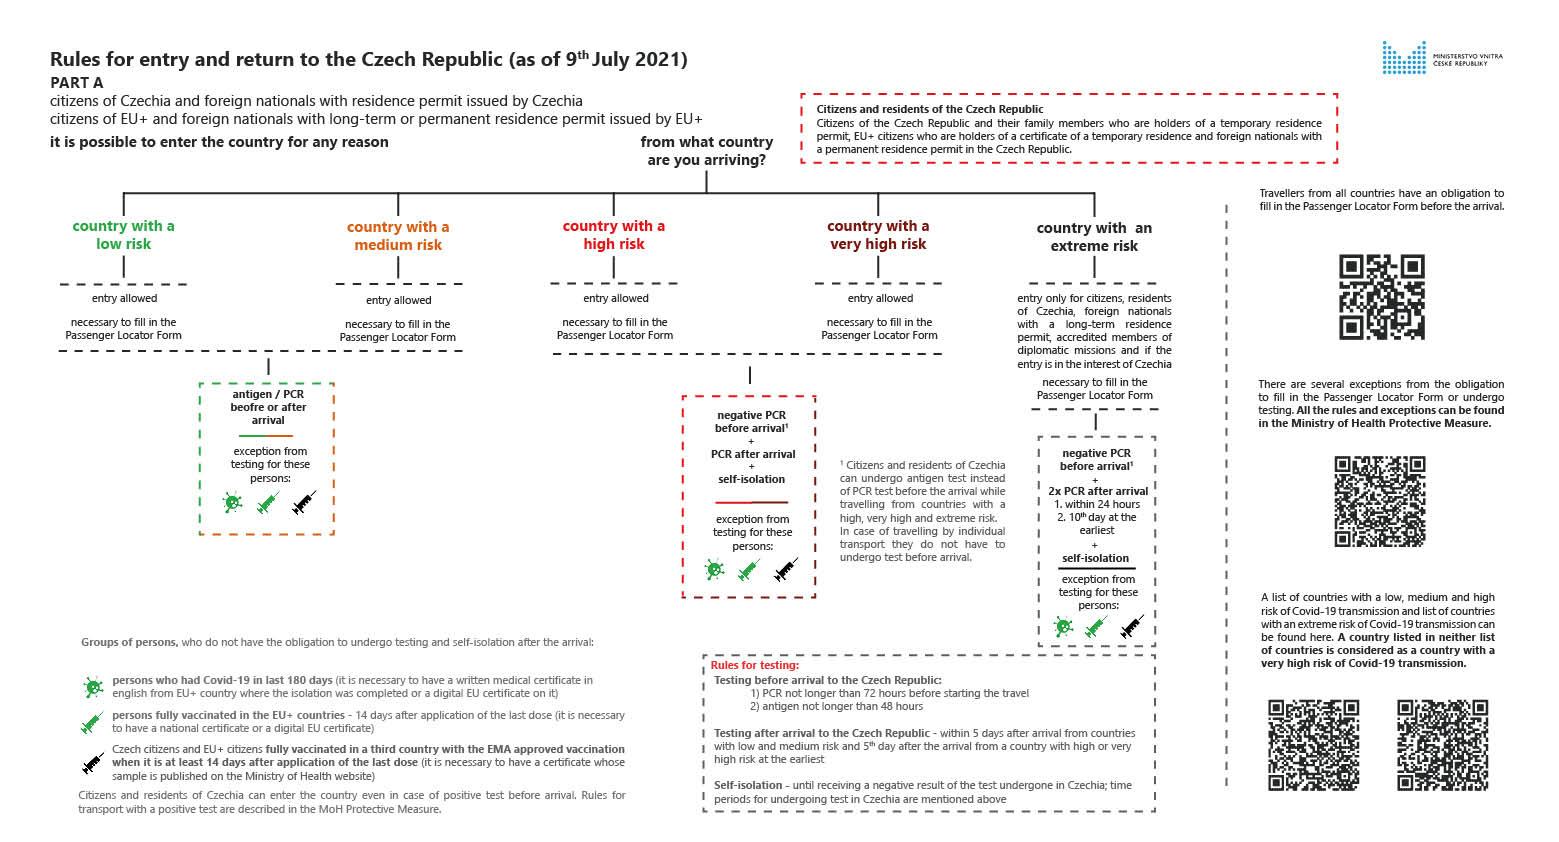 捷克入境限制 規定|疫情之後出發捷克準備文件與注意事項(8/26)